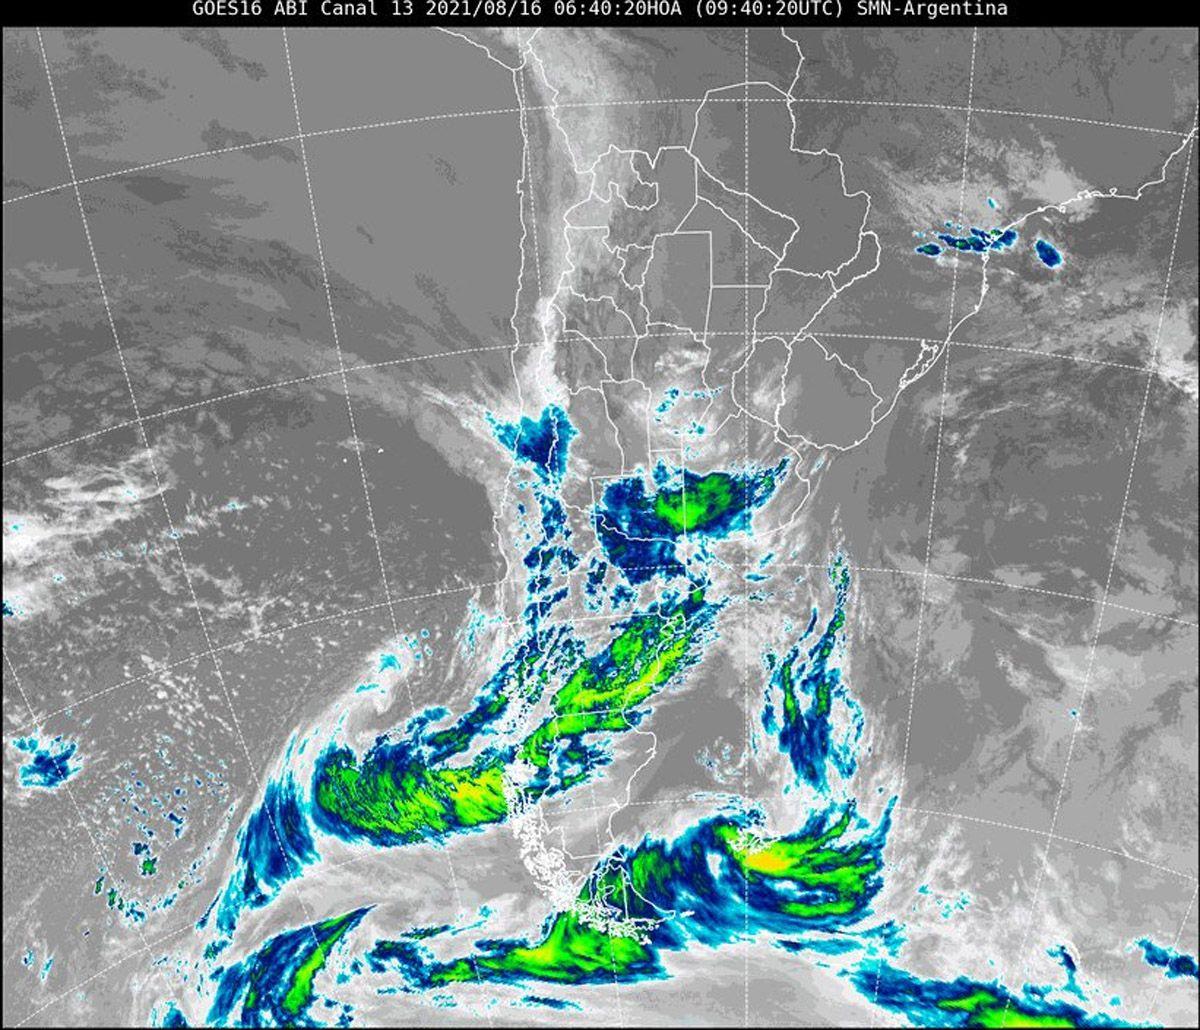 Pronóstico del tiempo: se espera para hoy y, fundamentalmente para el miércoles, la conjución de nevada y zonda en Mendoza